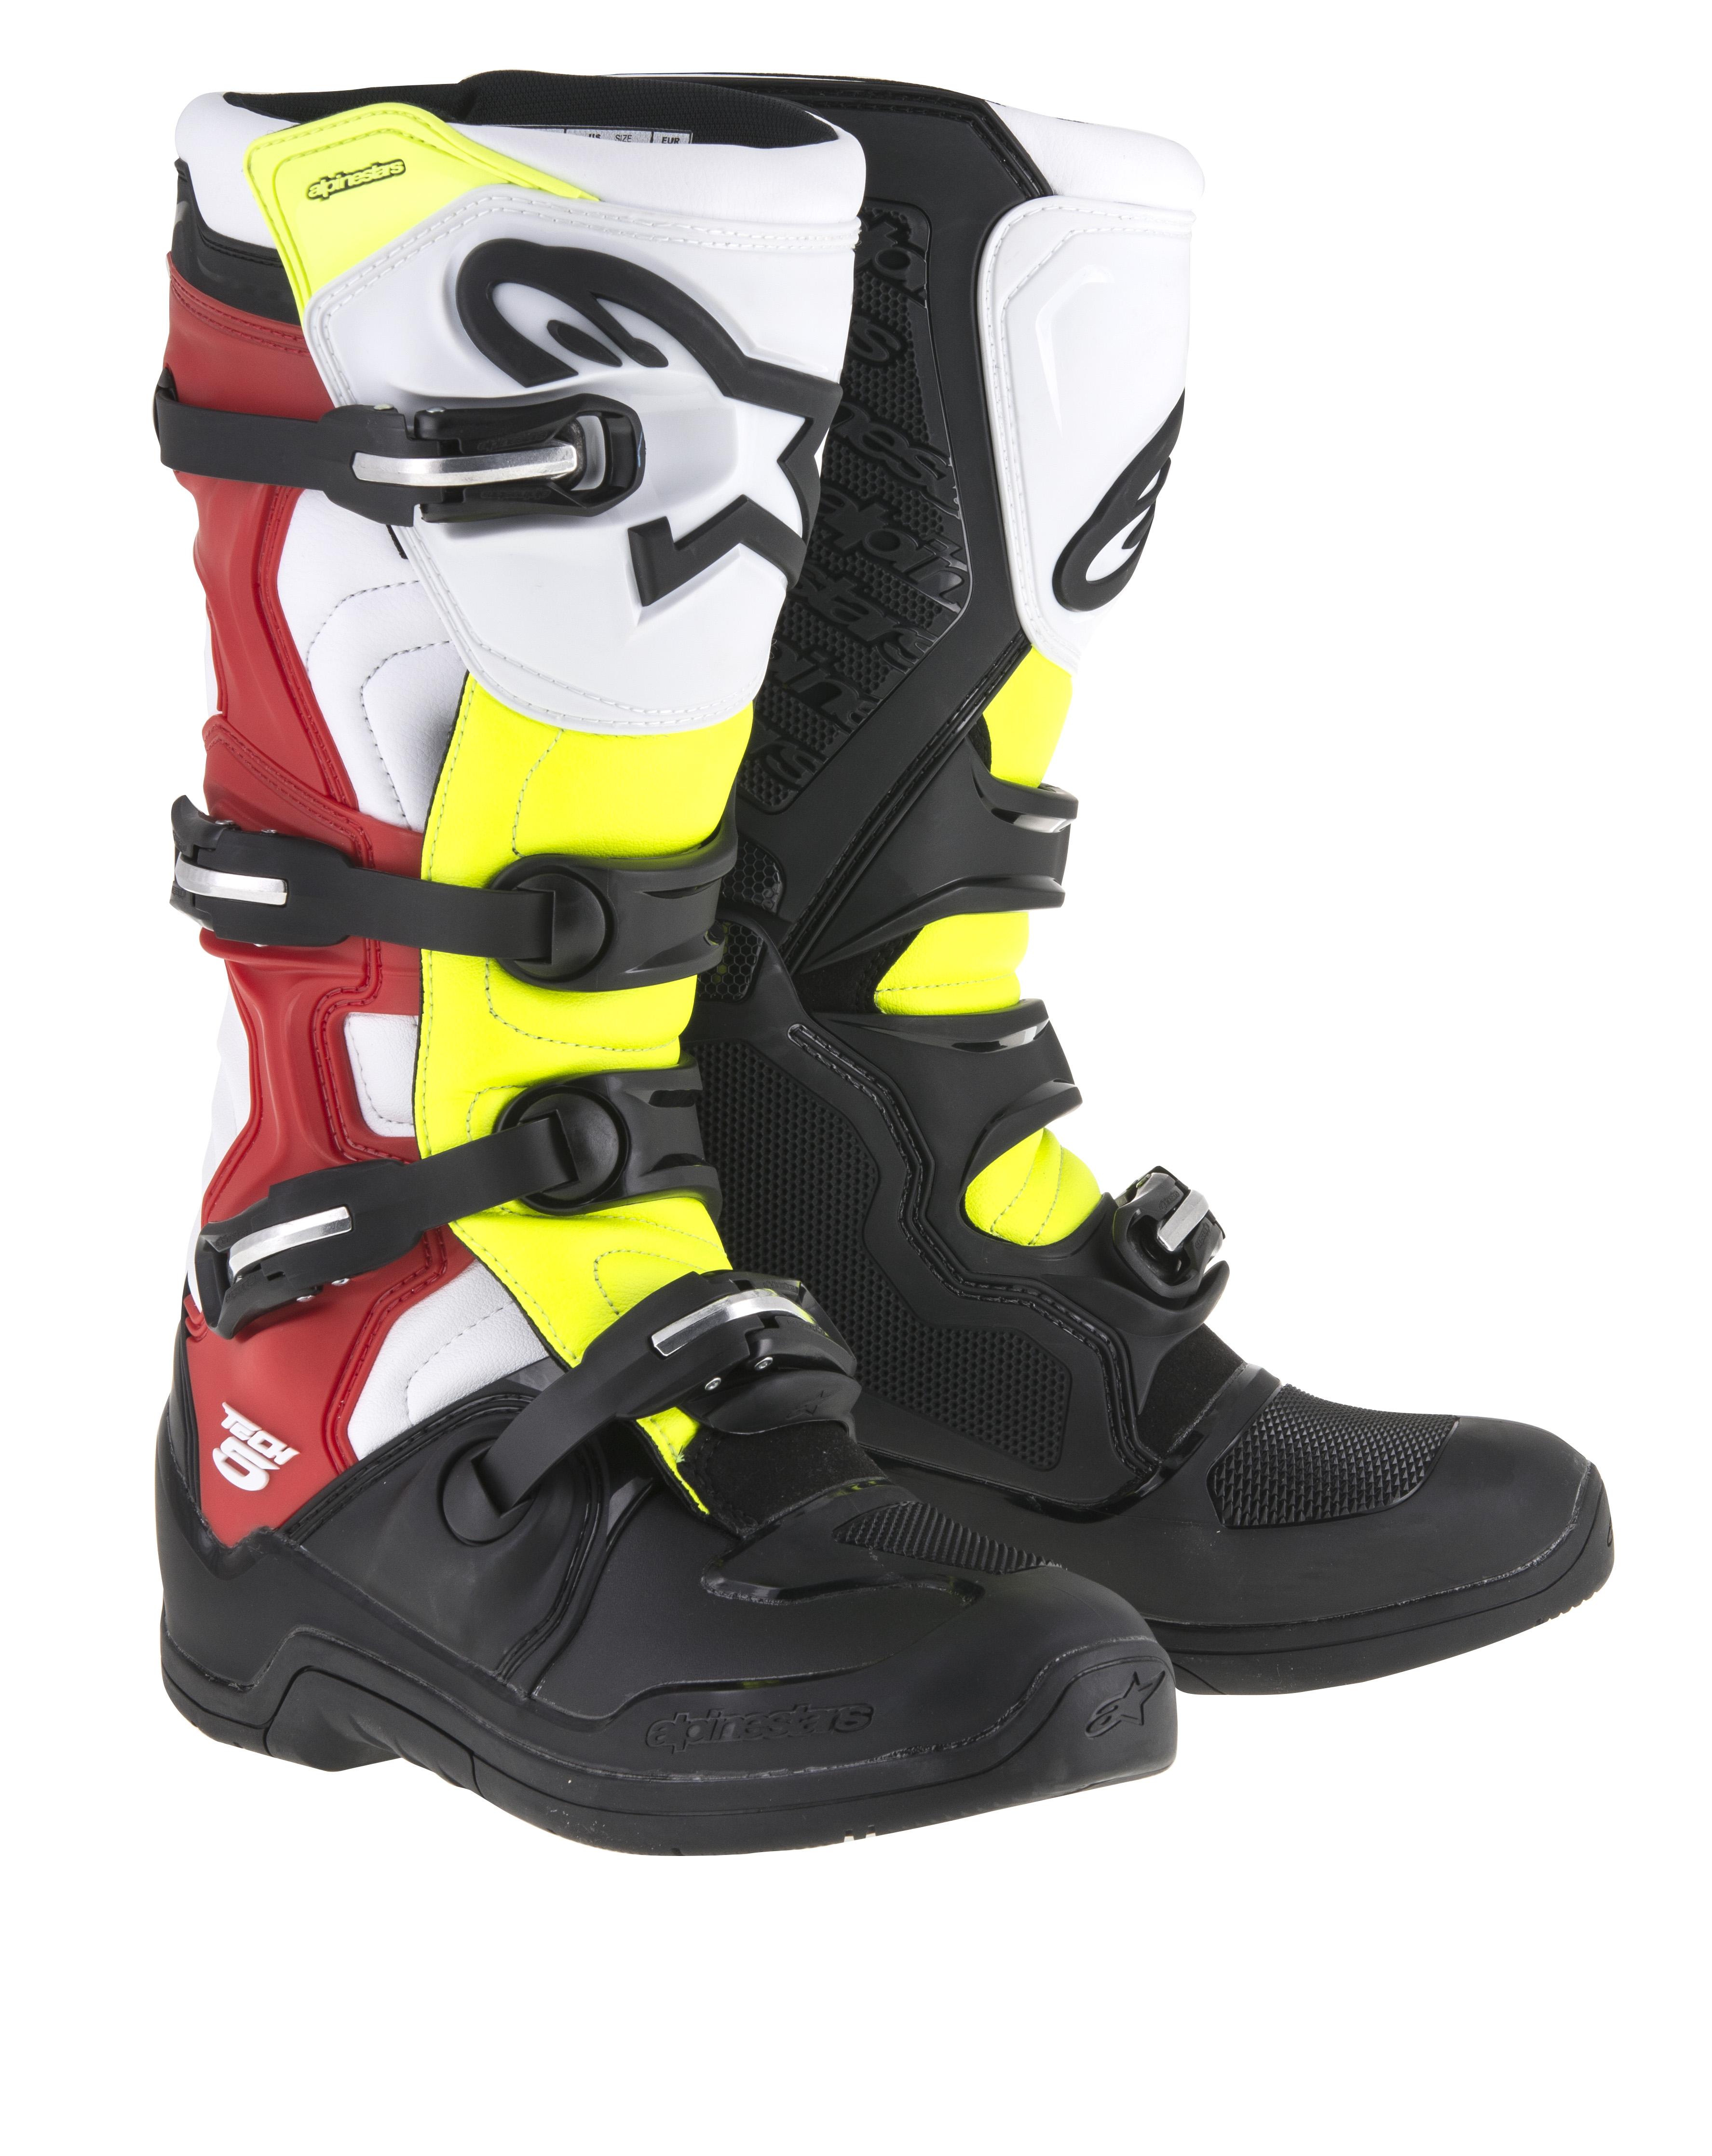 Stivali cross Alpinestars Tech 5 nero bianco rosso giallo